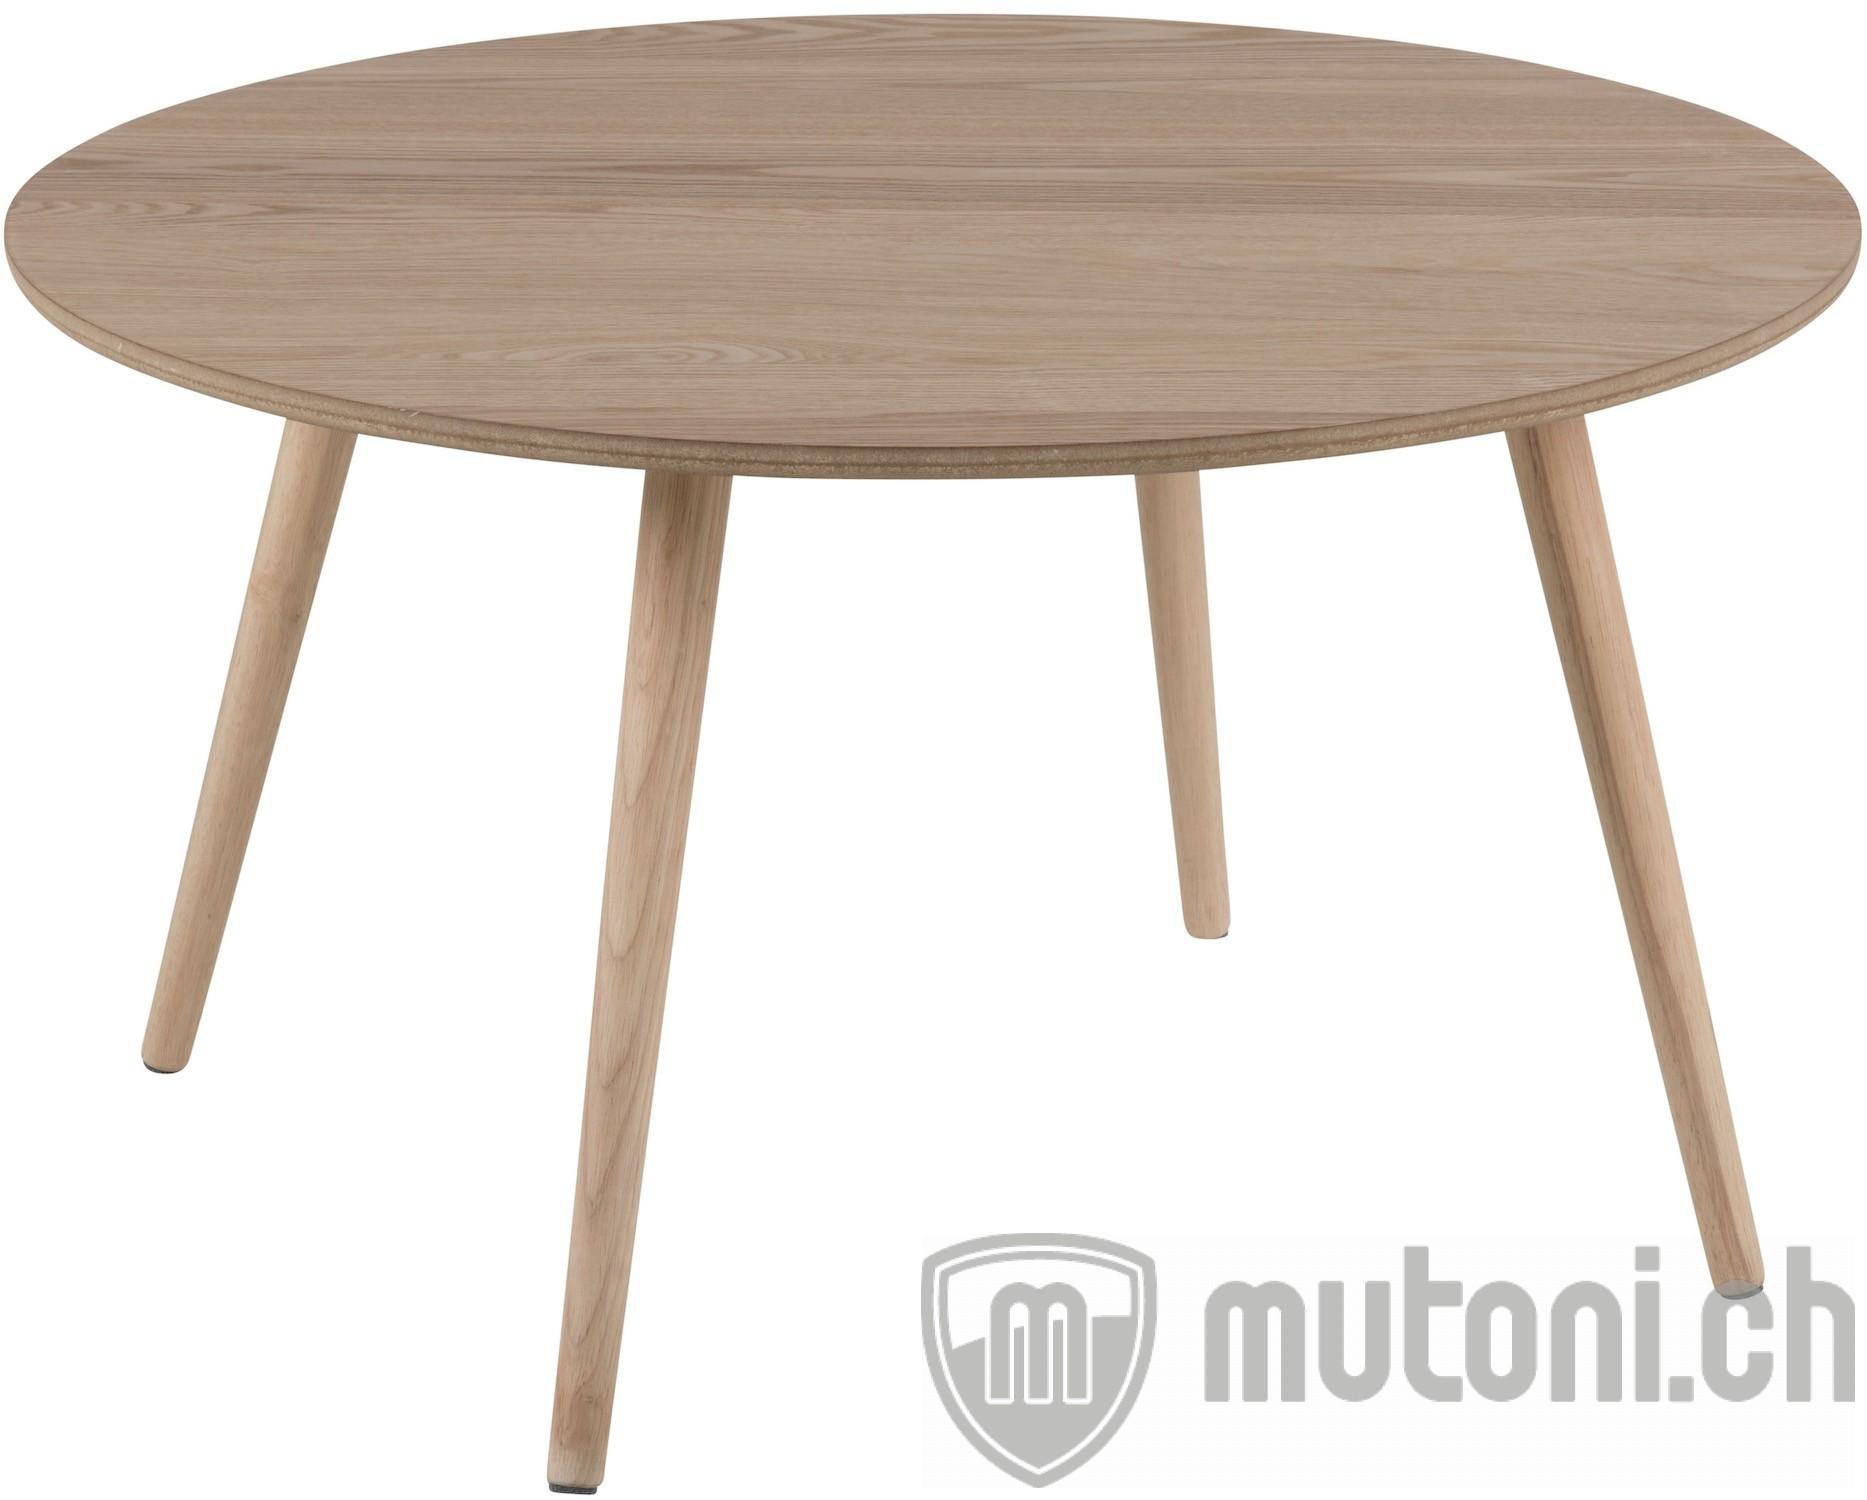 Couchtisch manhattan natur 80x80 mutoni design mutoni for Design couchtisch 80x80